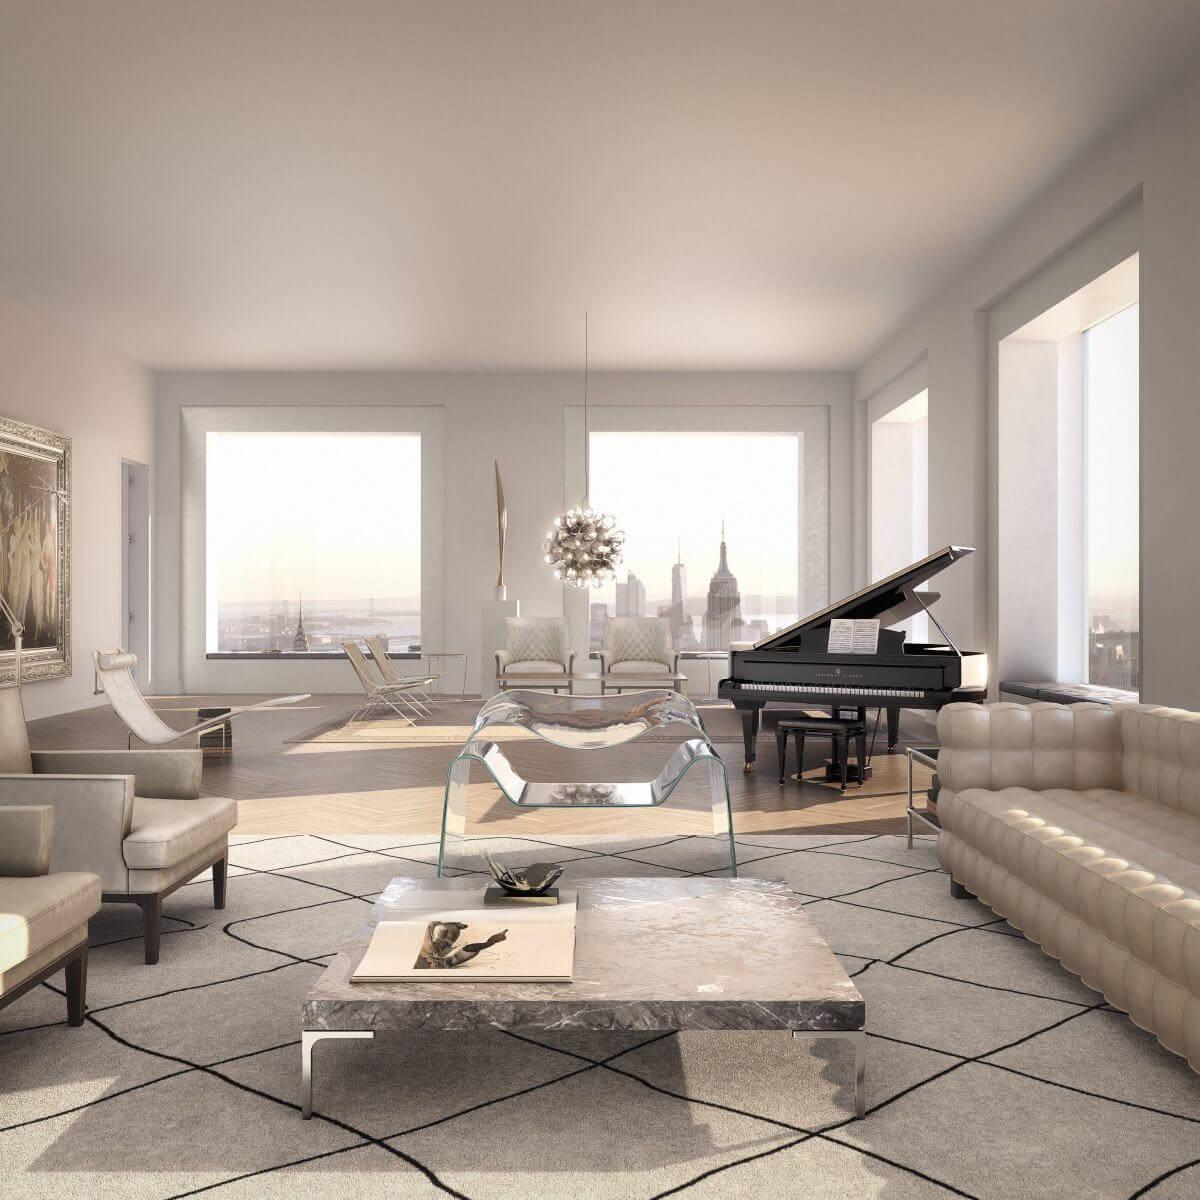 71. 432 Park Avenue Penthouse